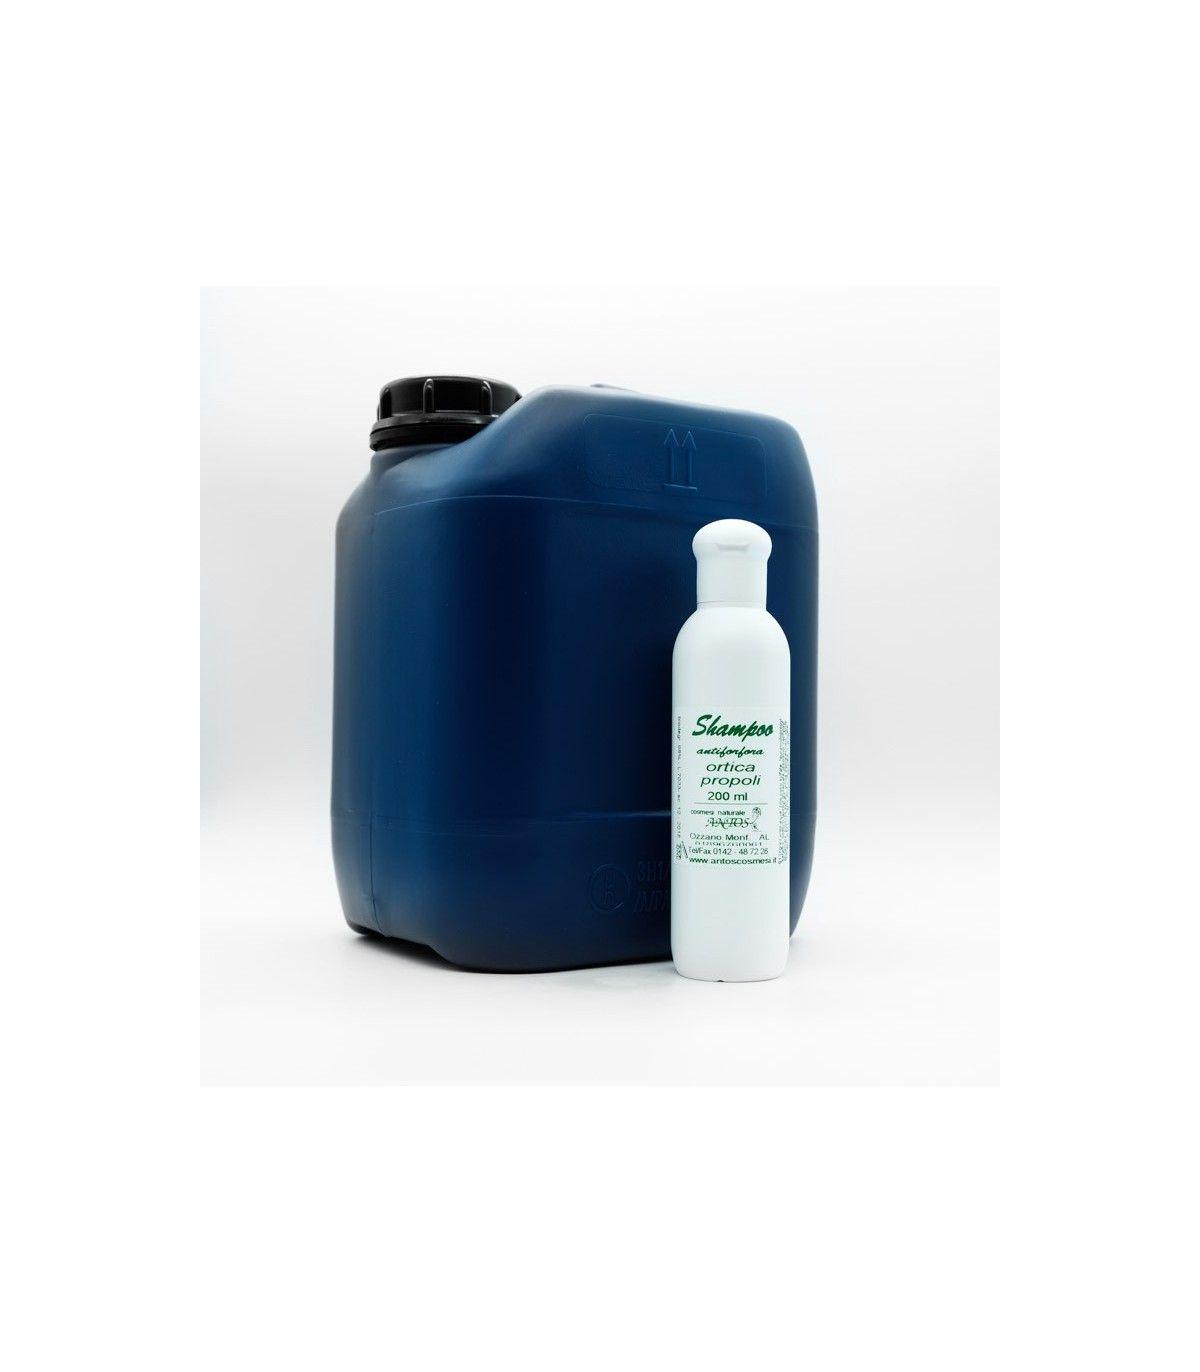 Shampoo antiforfora - tanica